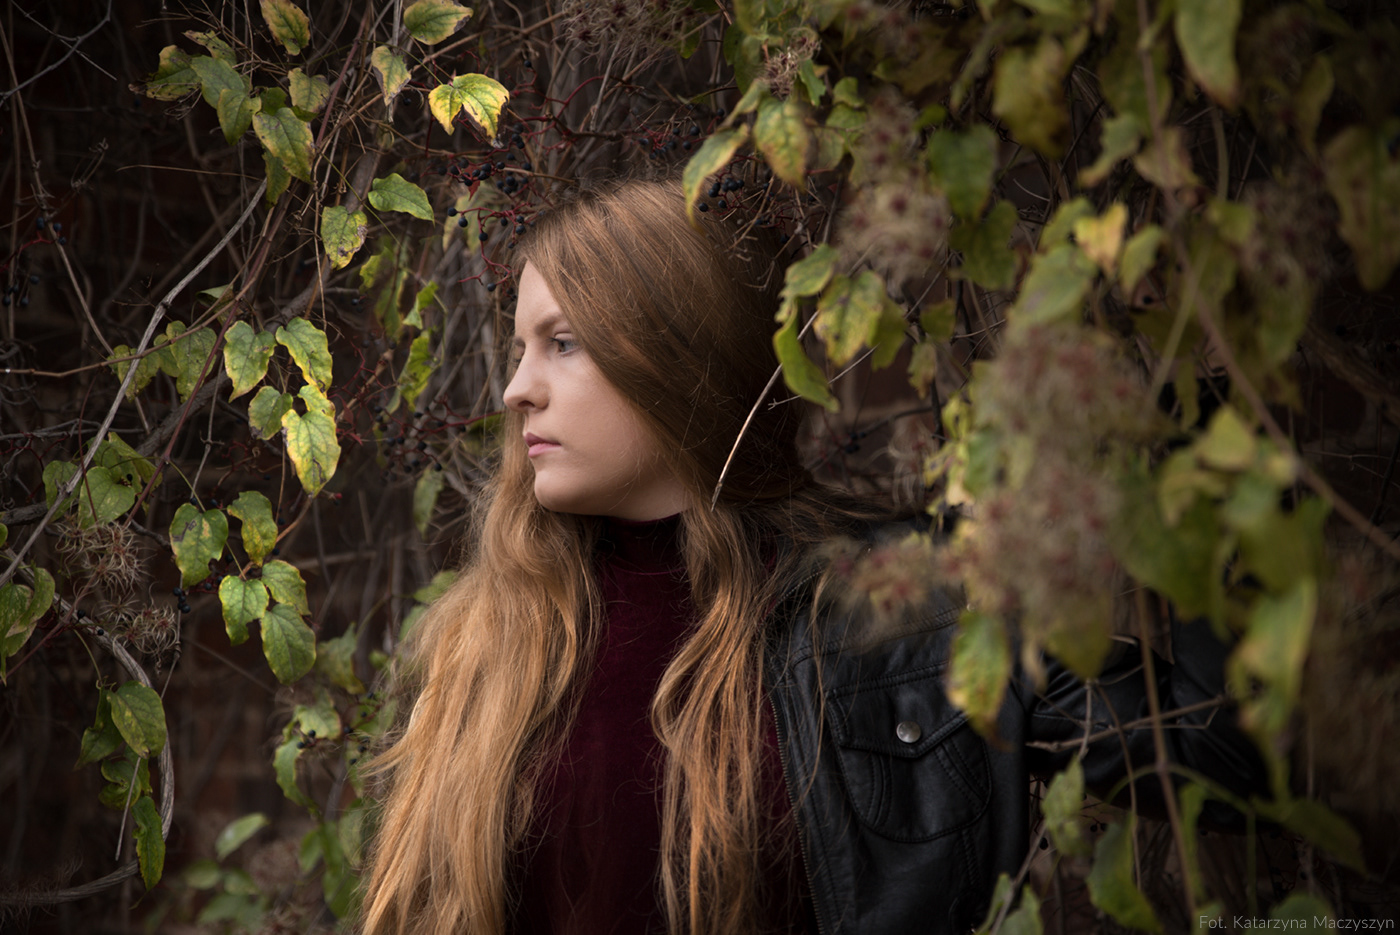 Portrait photography Katarzyna Maczyszyn